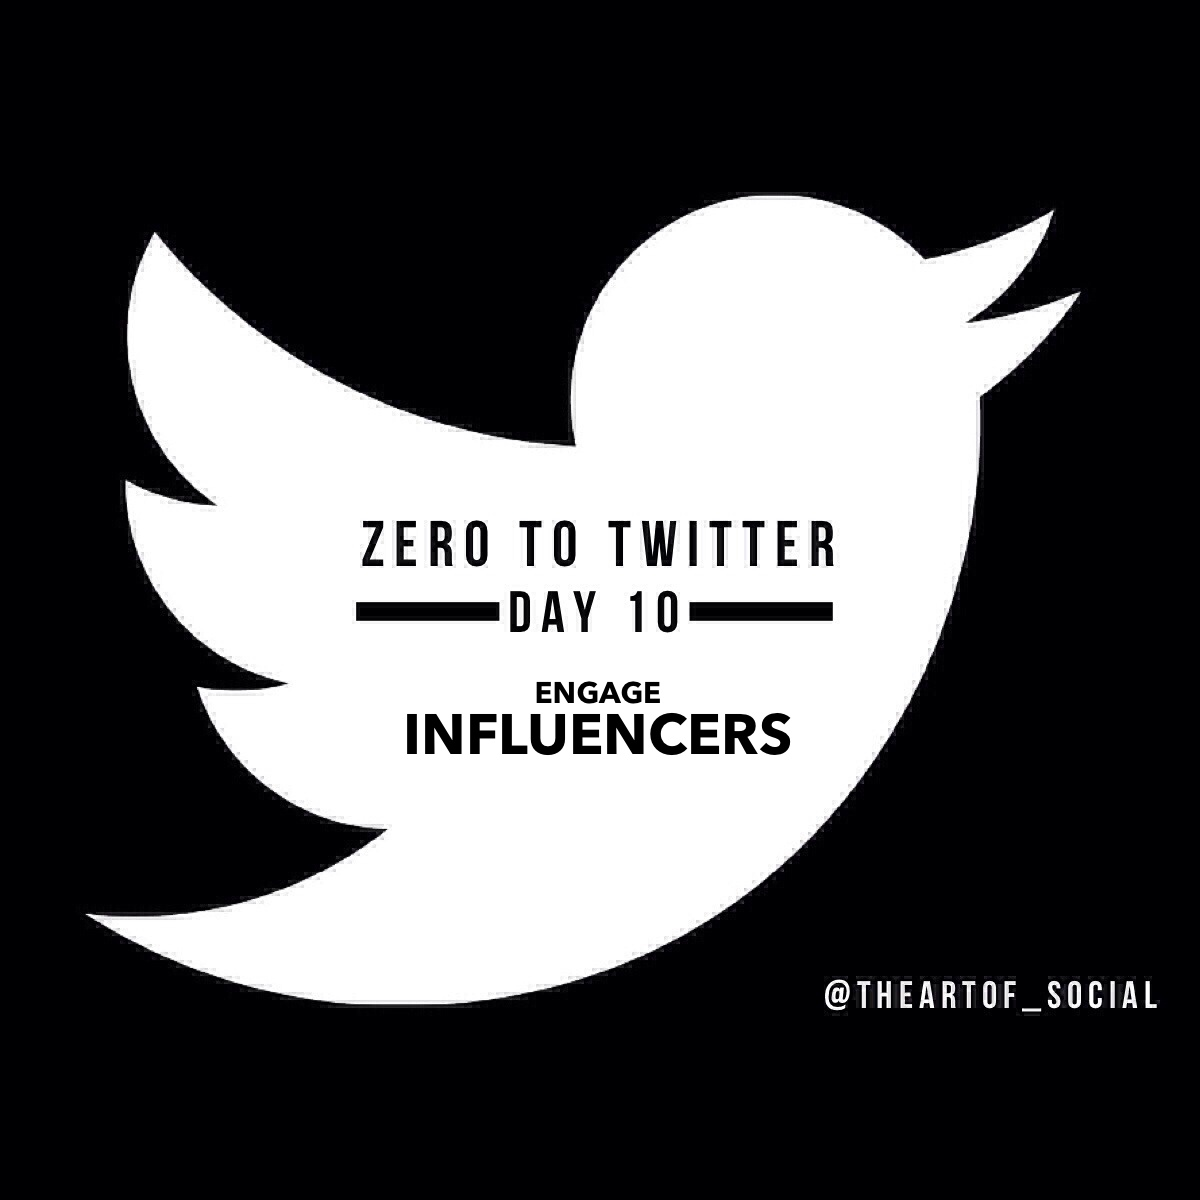 ZeroToTwitterDay10_EngageInfluencers.jpg